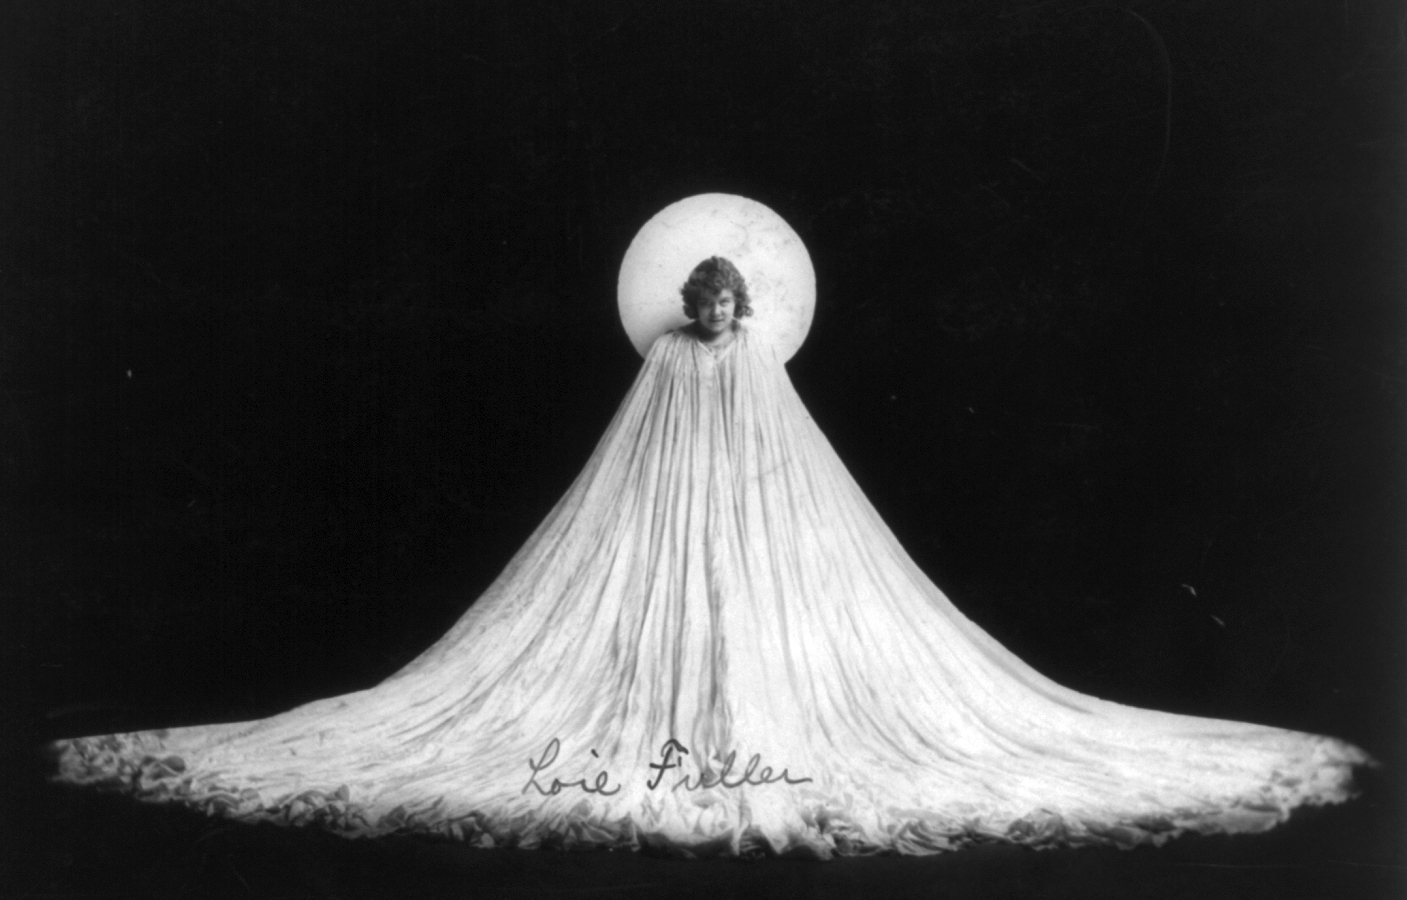 Fileloie fuller in art nouveau pose cph 3b10785 jpg